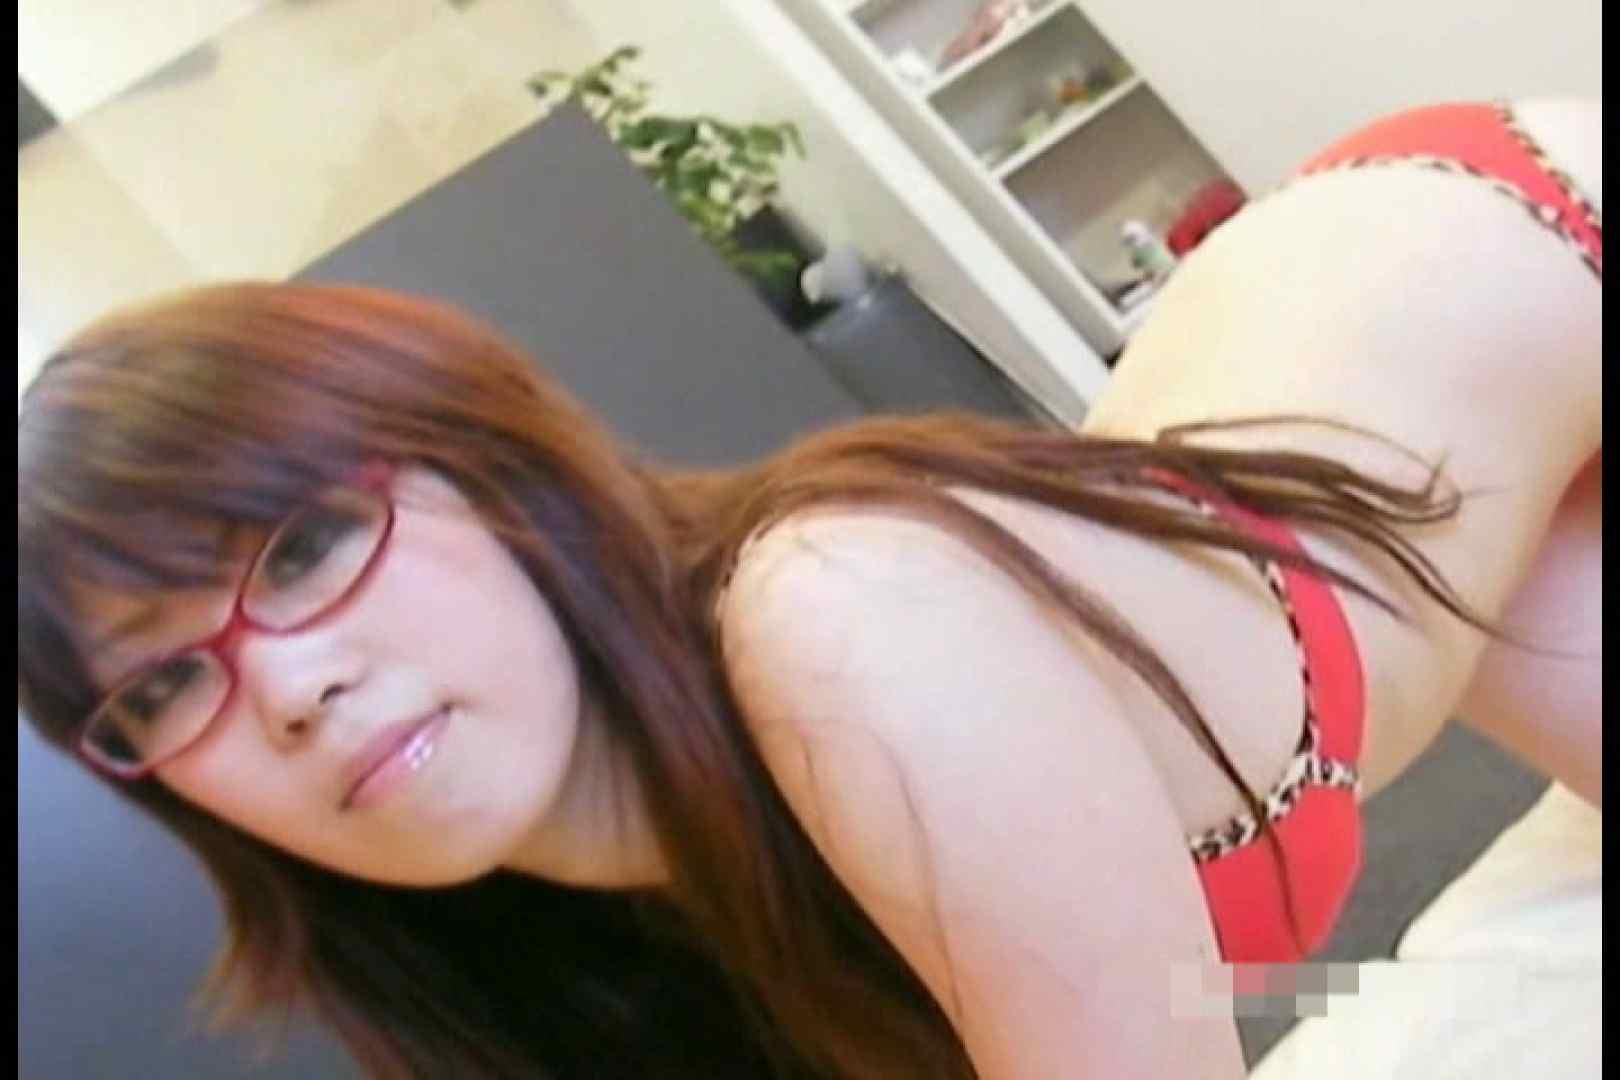 素人撮影 下着だけの撮影のはずが・・・ちあき22歳 おっぱい  74pic 34